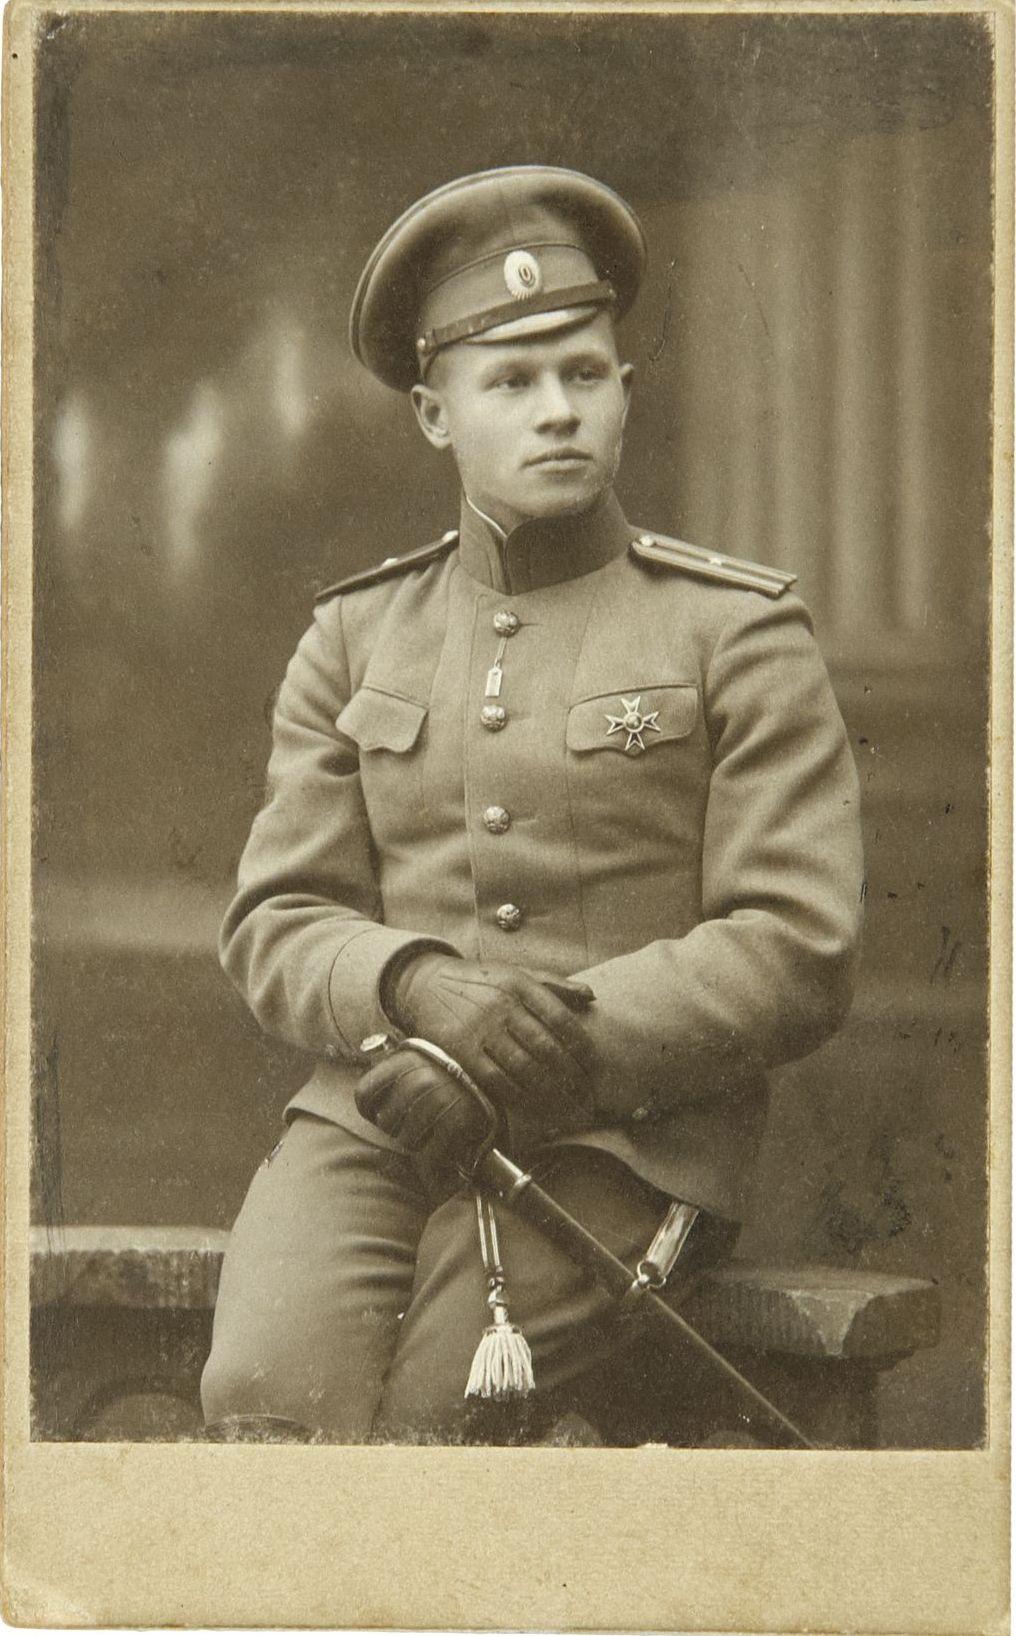 1910-е. Фото прапорщика Российской Императорской армии